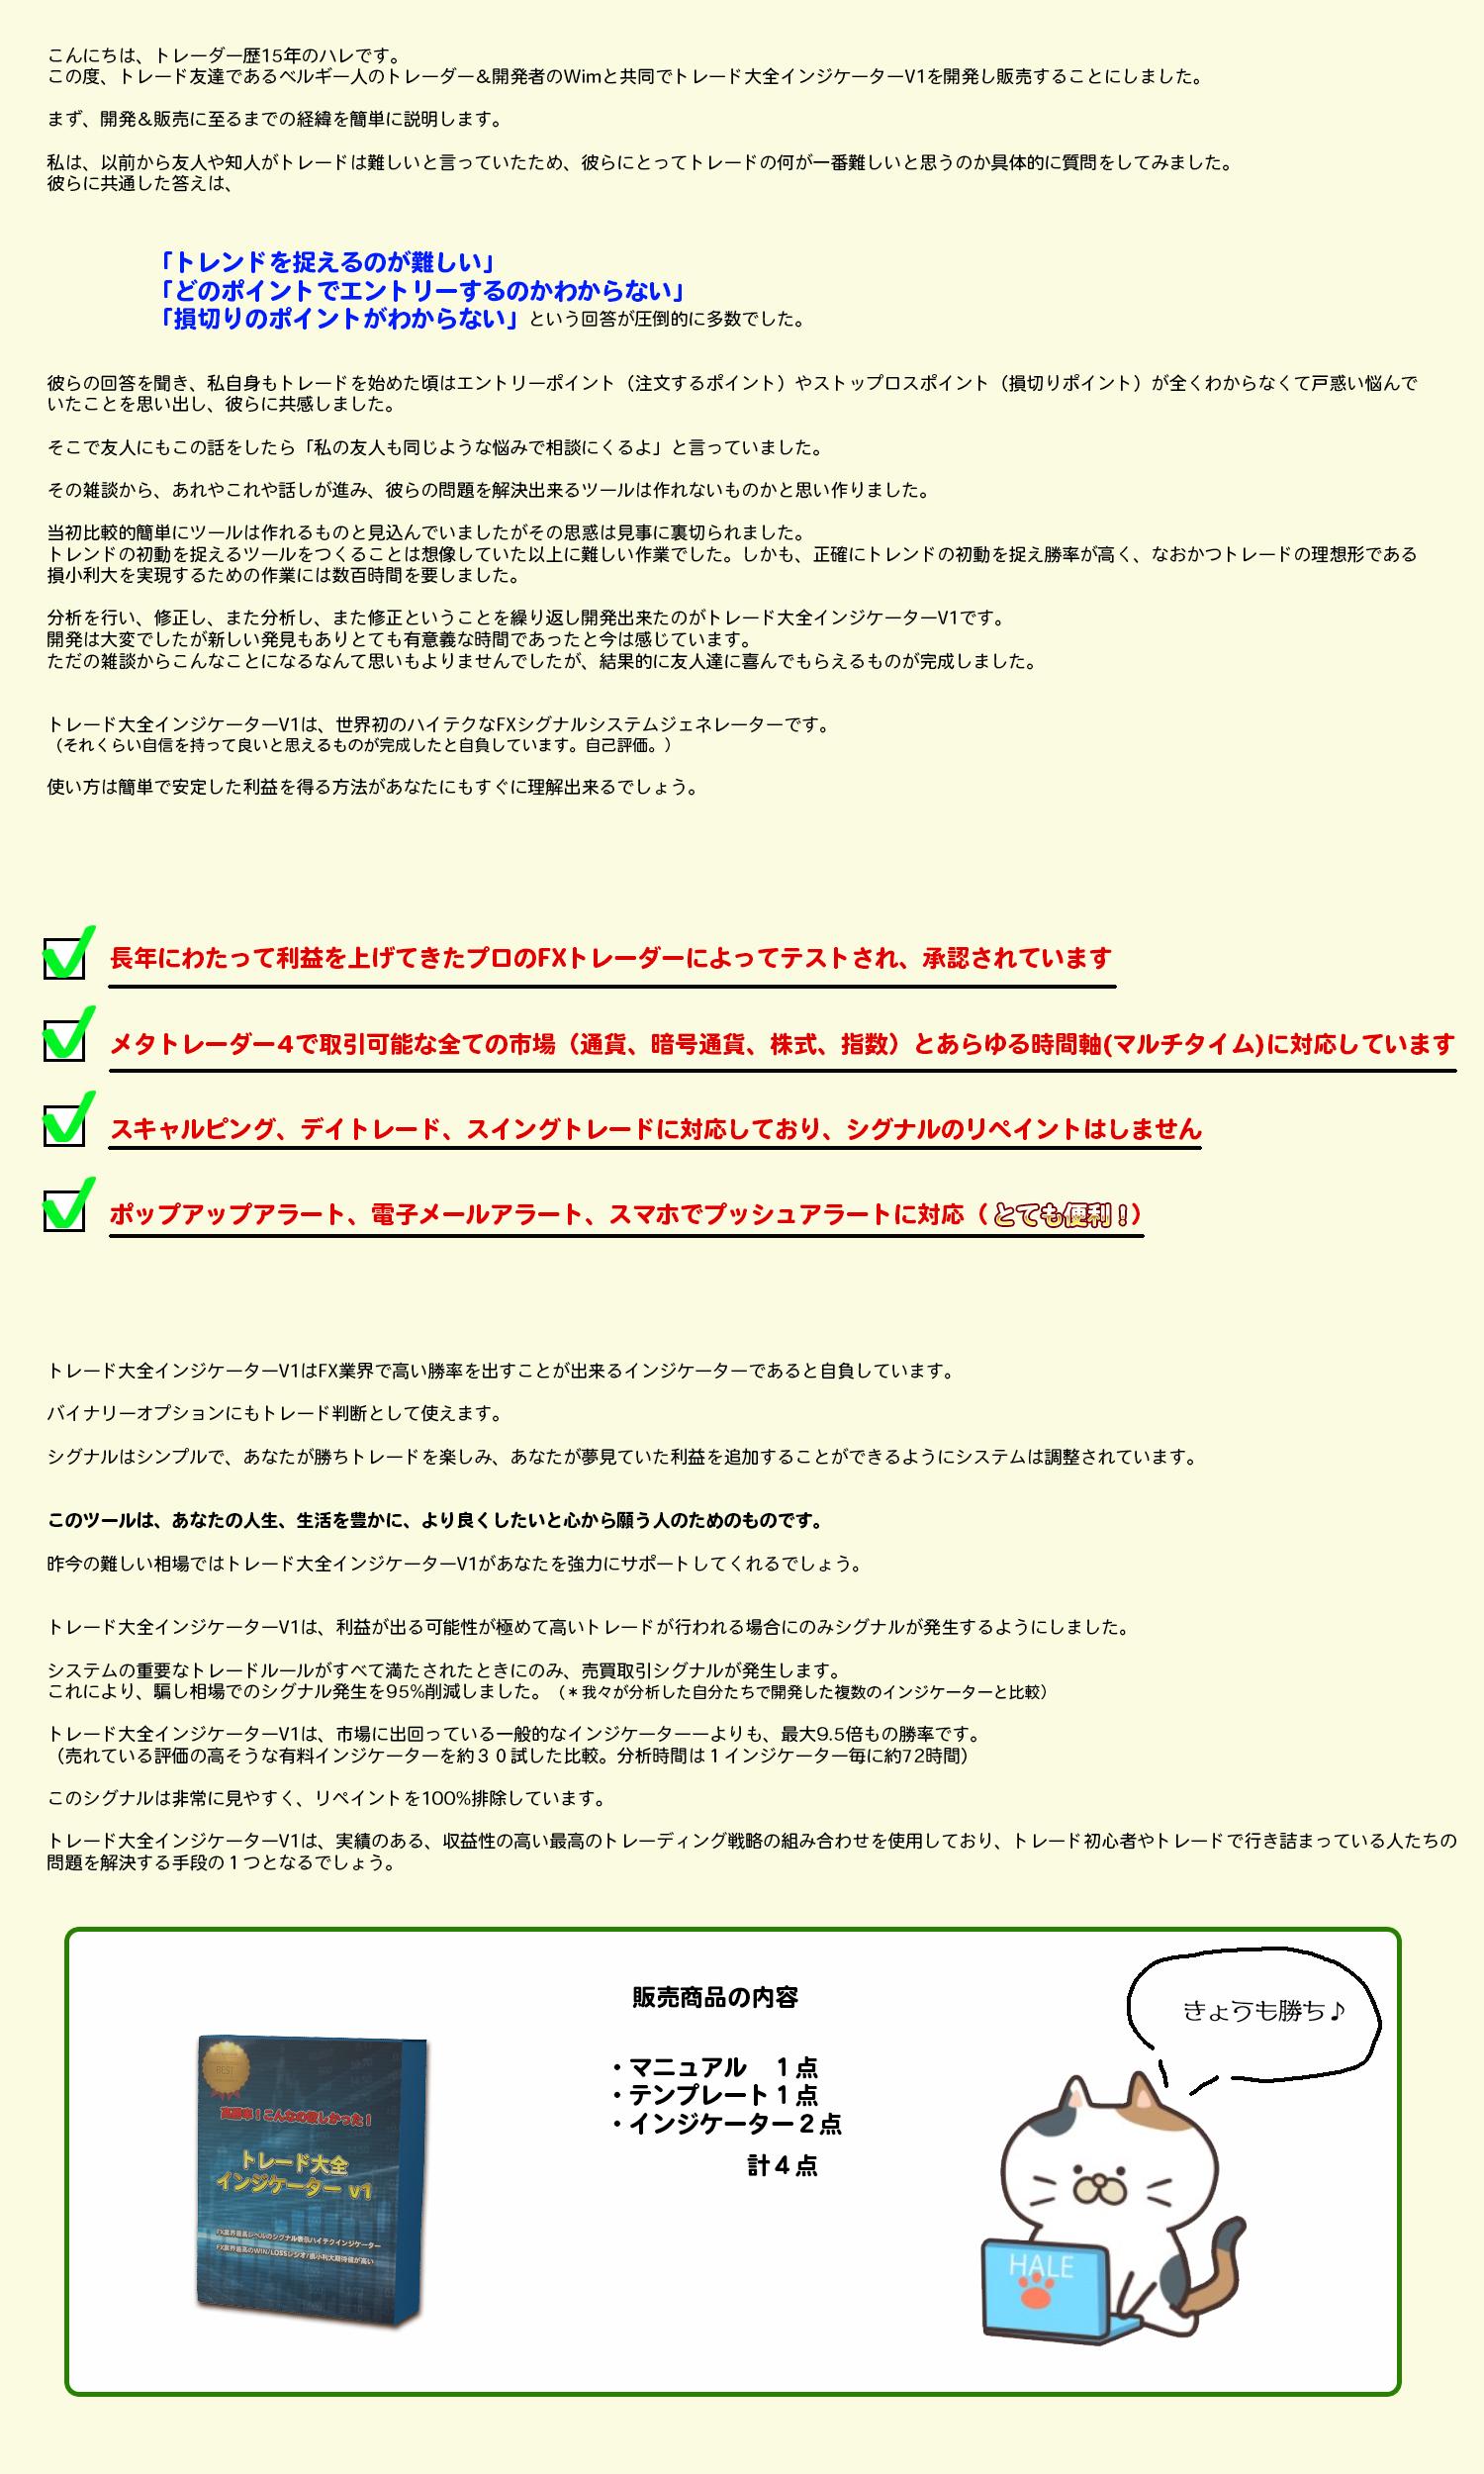 本文01.jpg